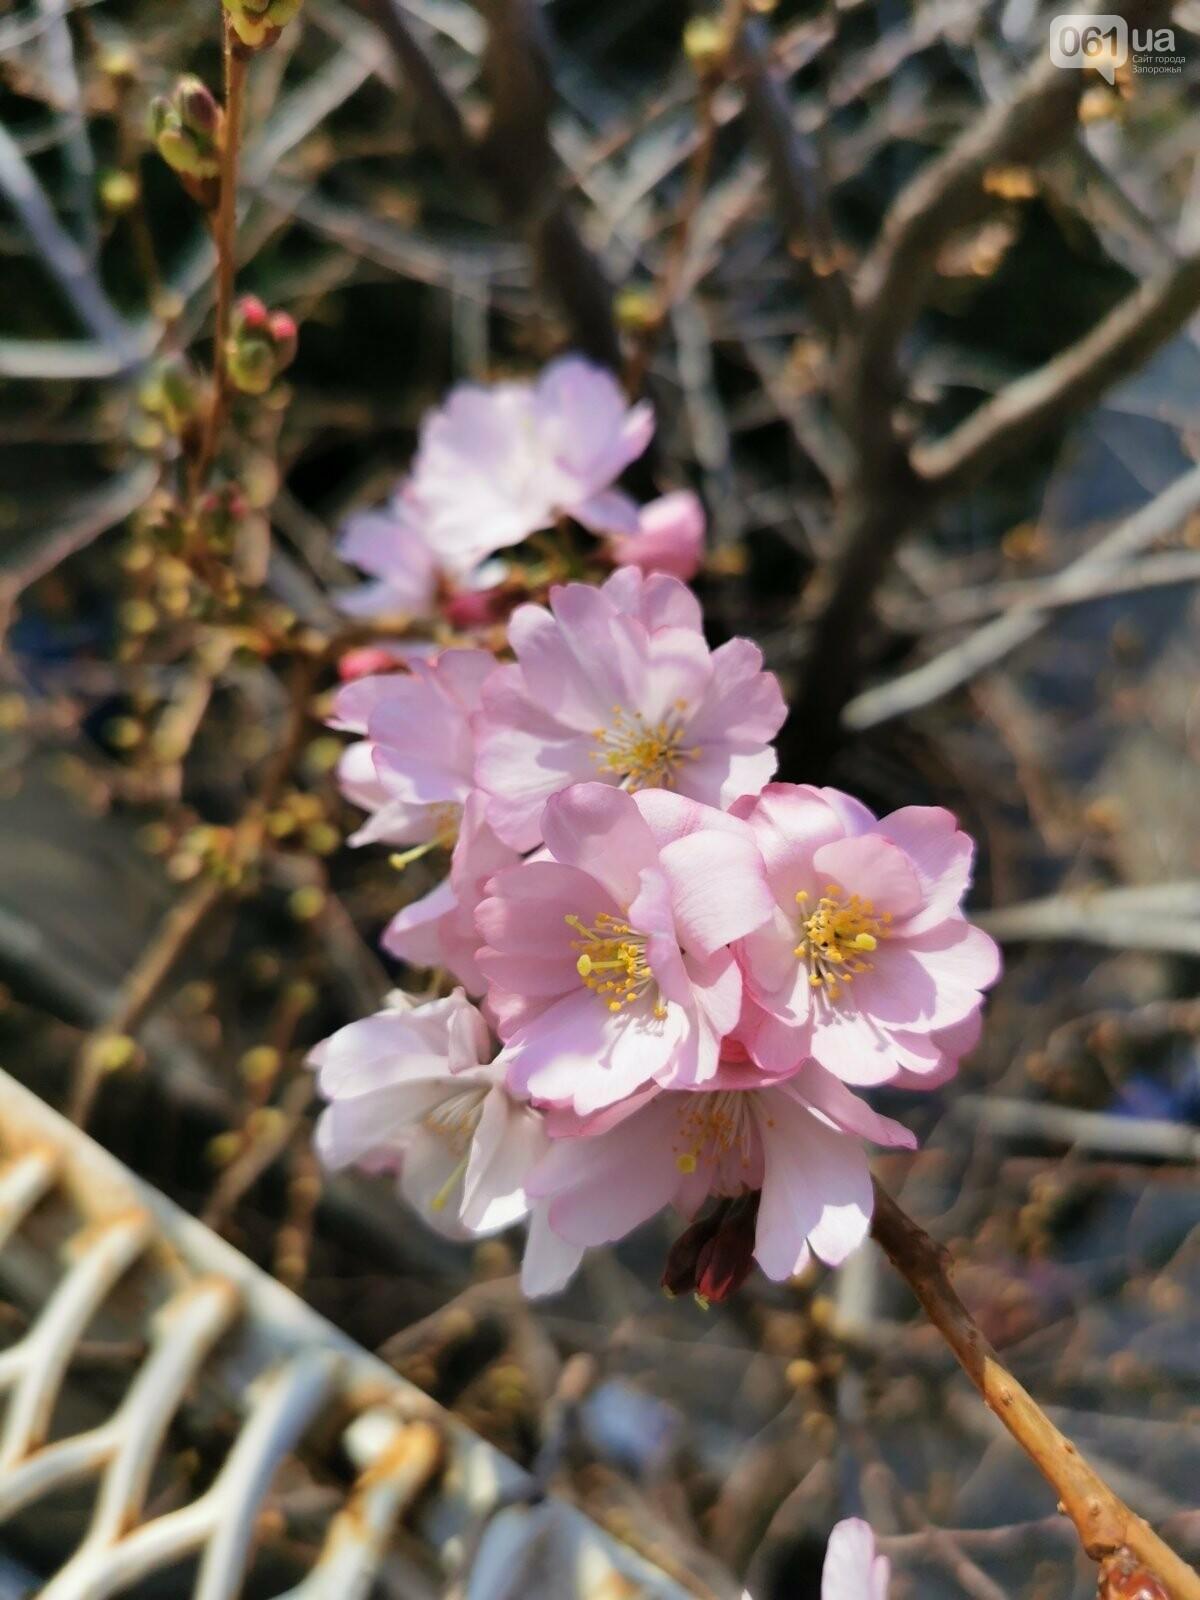 Запорожцы не могут полюбоваться цветением сакуры в ботсаду из-за усиления карантина , фото-2